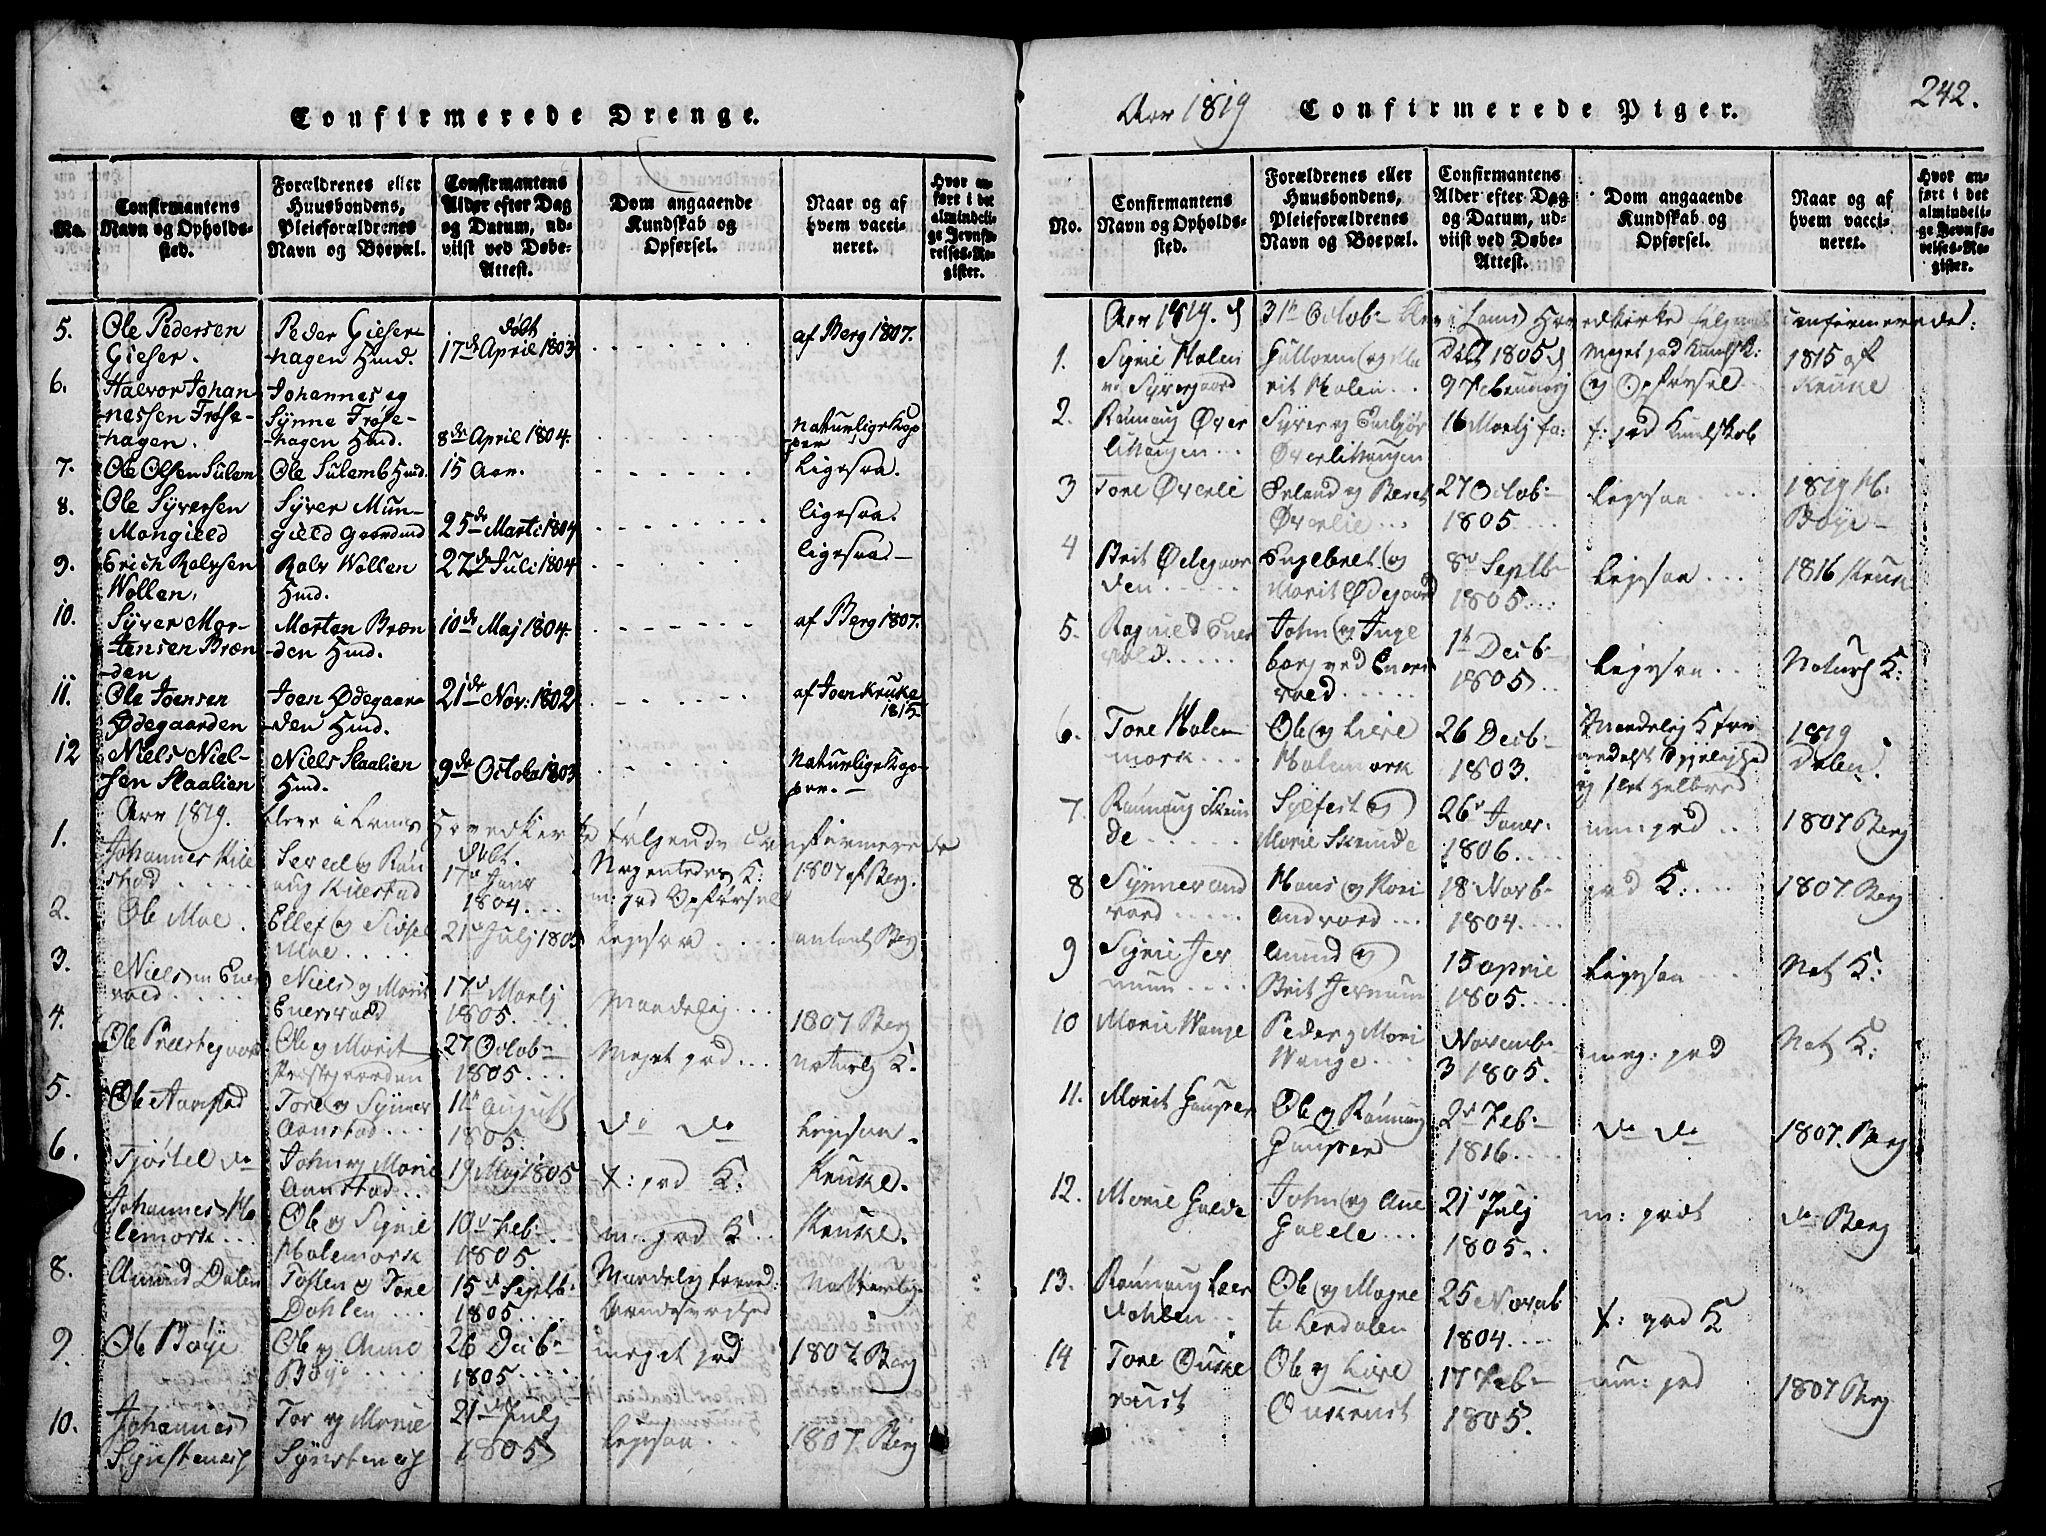 SAH, Lom prestekontor, L/L0001: Klokkerbok nr. 1, 1815-1836, s. 242